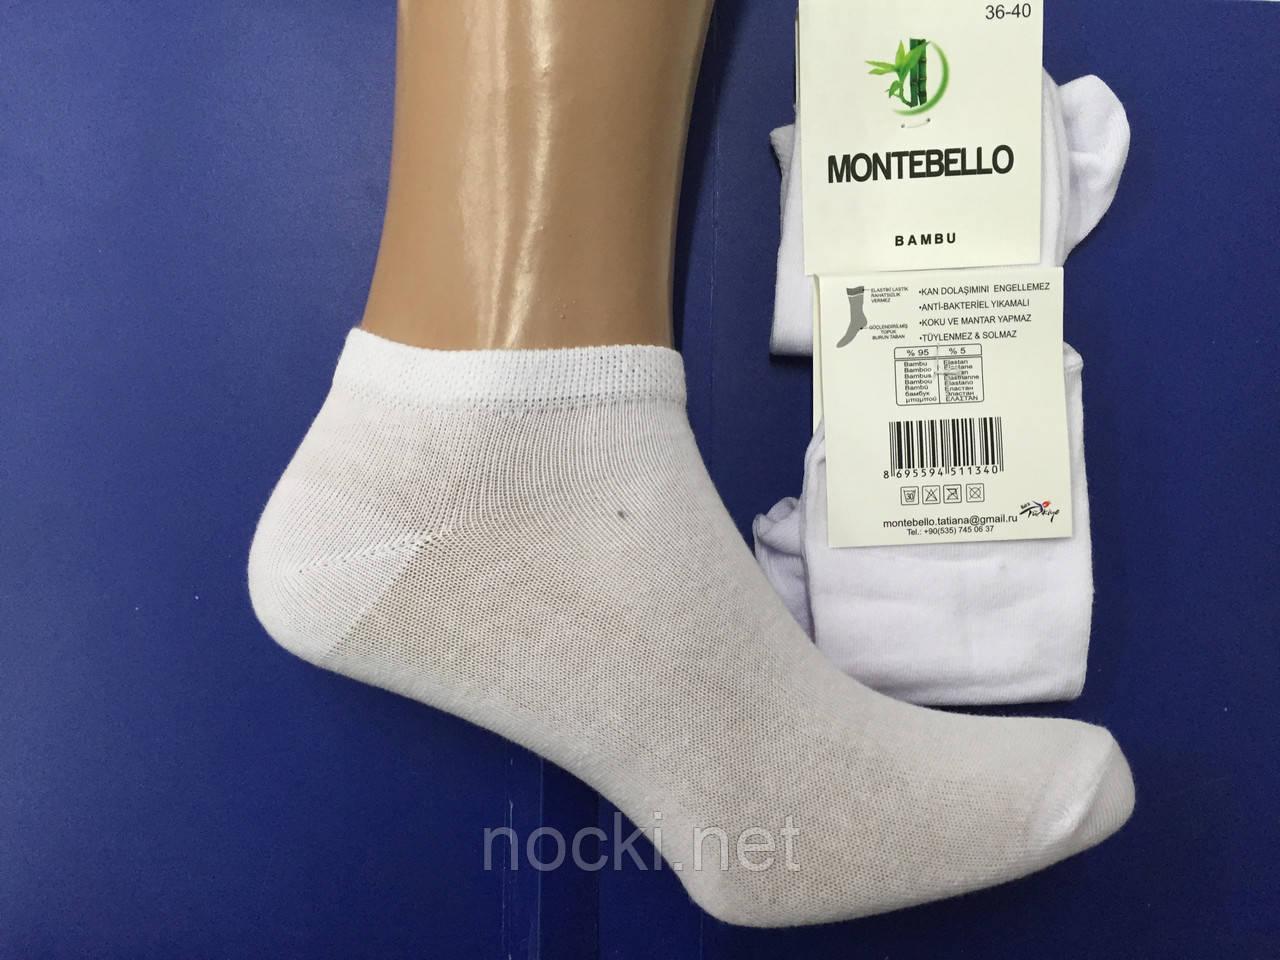 Шкарпетки жіночі бамбук короткі білі Montebello пр-під Туреччина